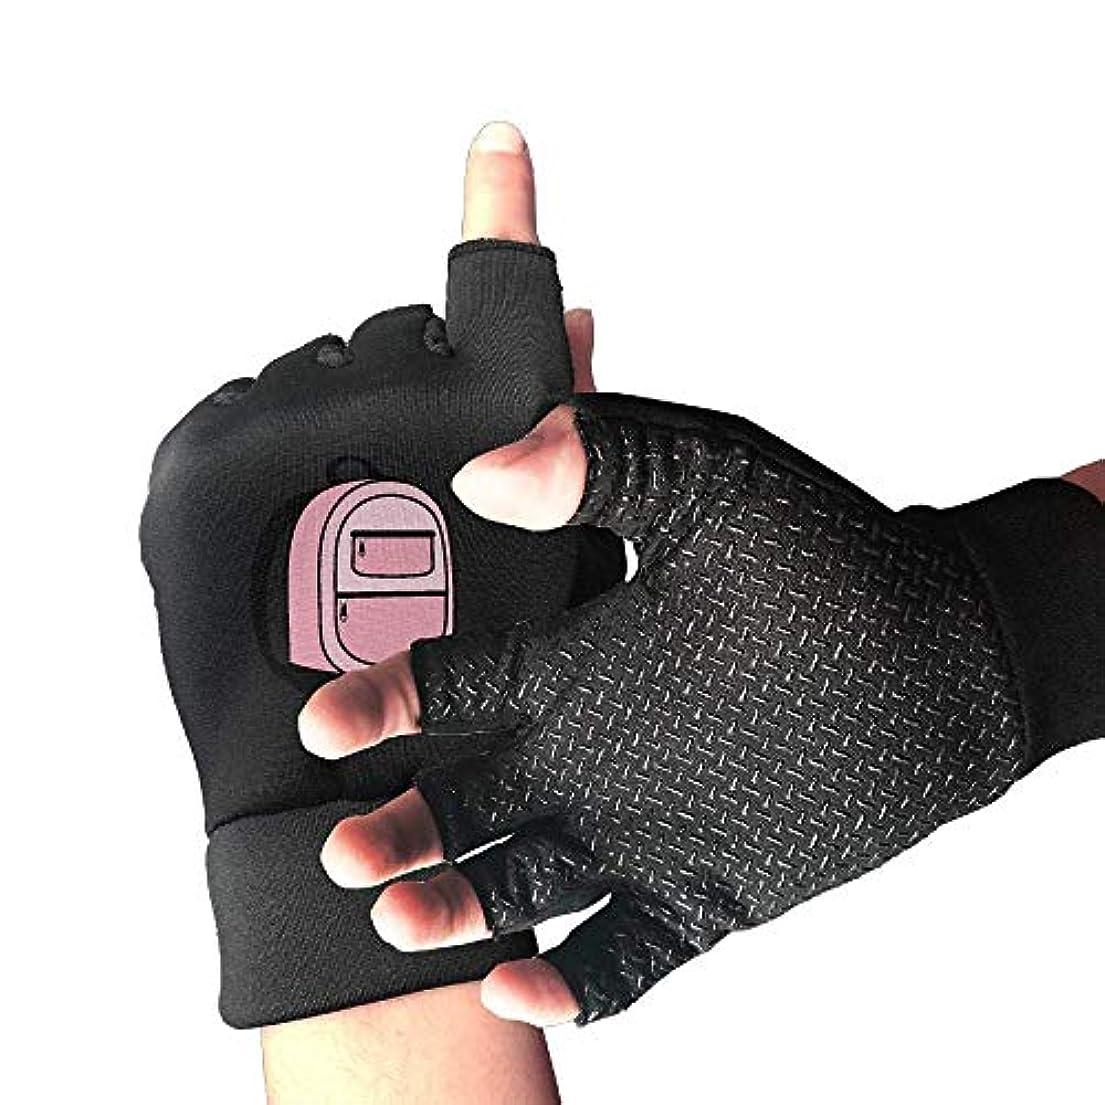 優先写真を撮る作りますCycling Gloves Back to School Bag Men's/Women's Mountain Bike Gloves Half Finger Anti-Slip Motorcycle Gloves